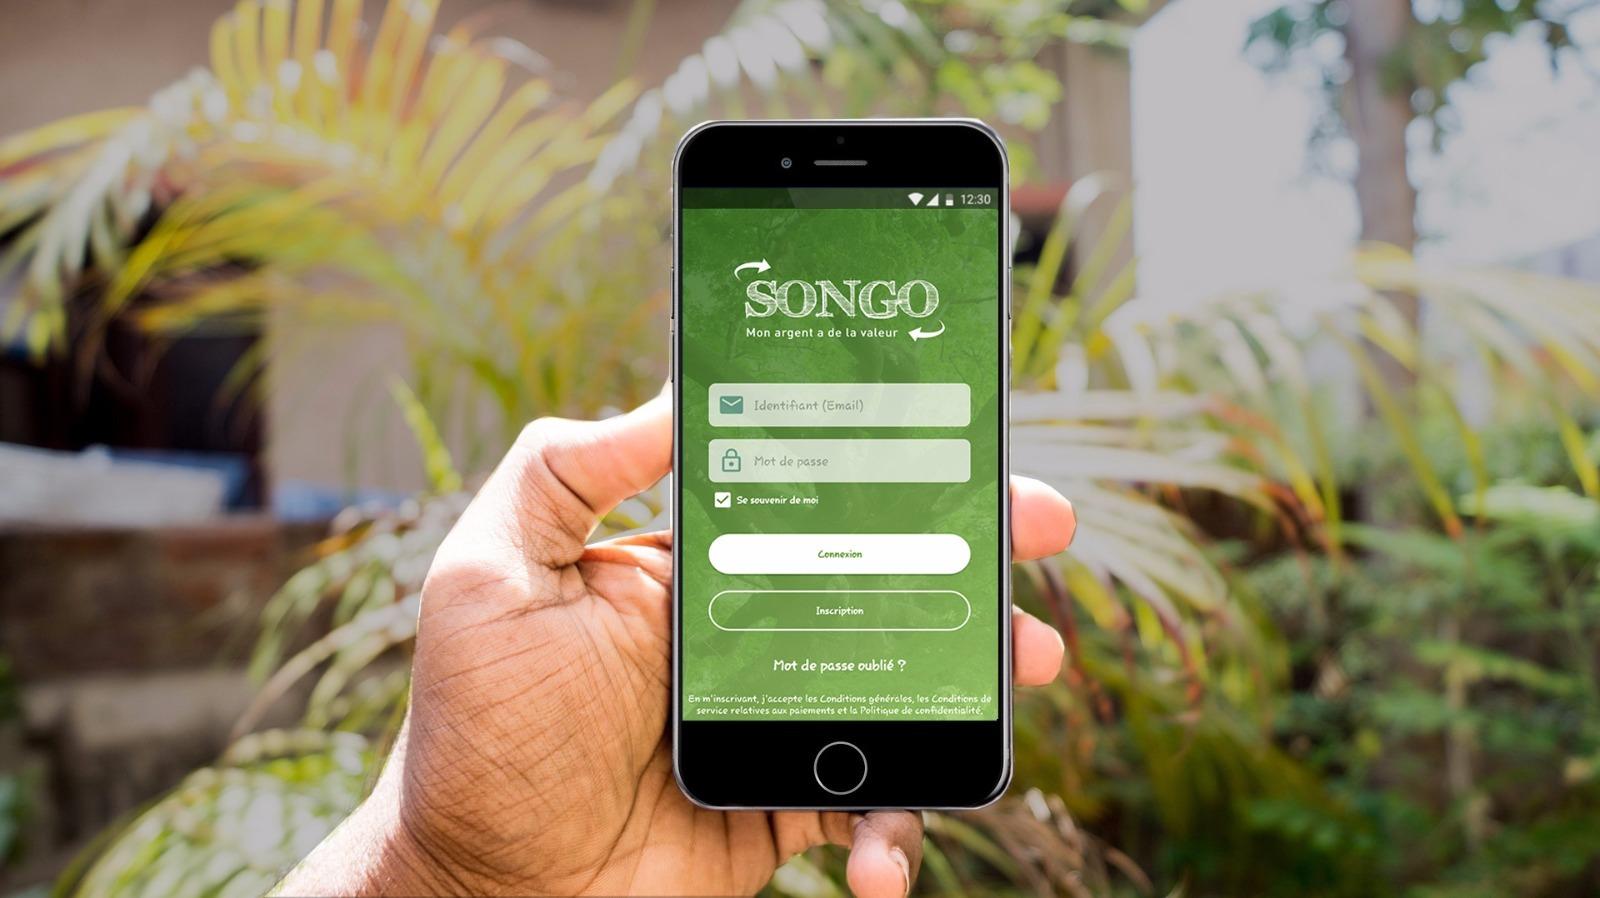 Hand Songo Money